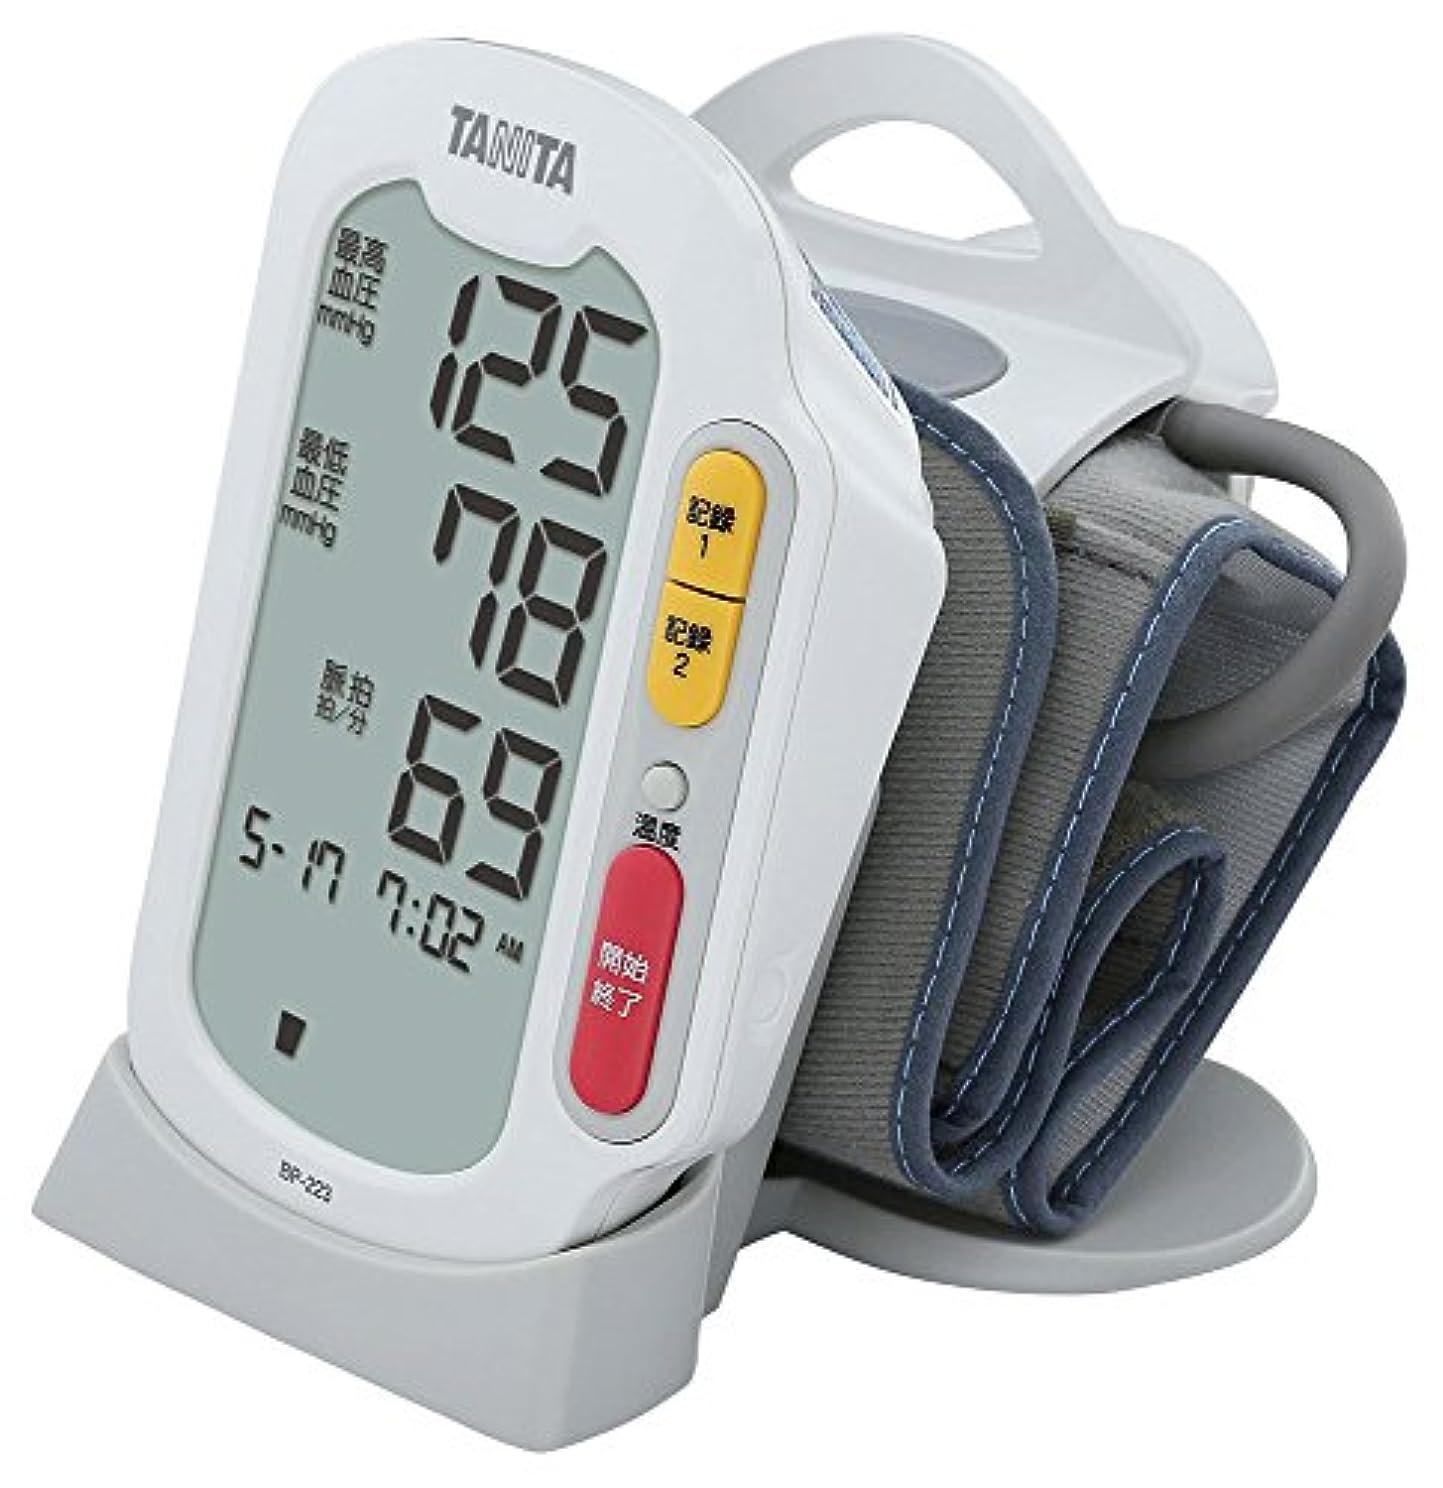 計算履歴書料理タニタ 上腕式血圧計 ホワイト BP-223-WH